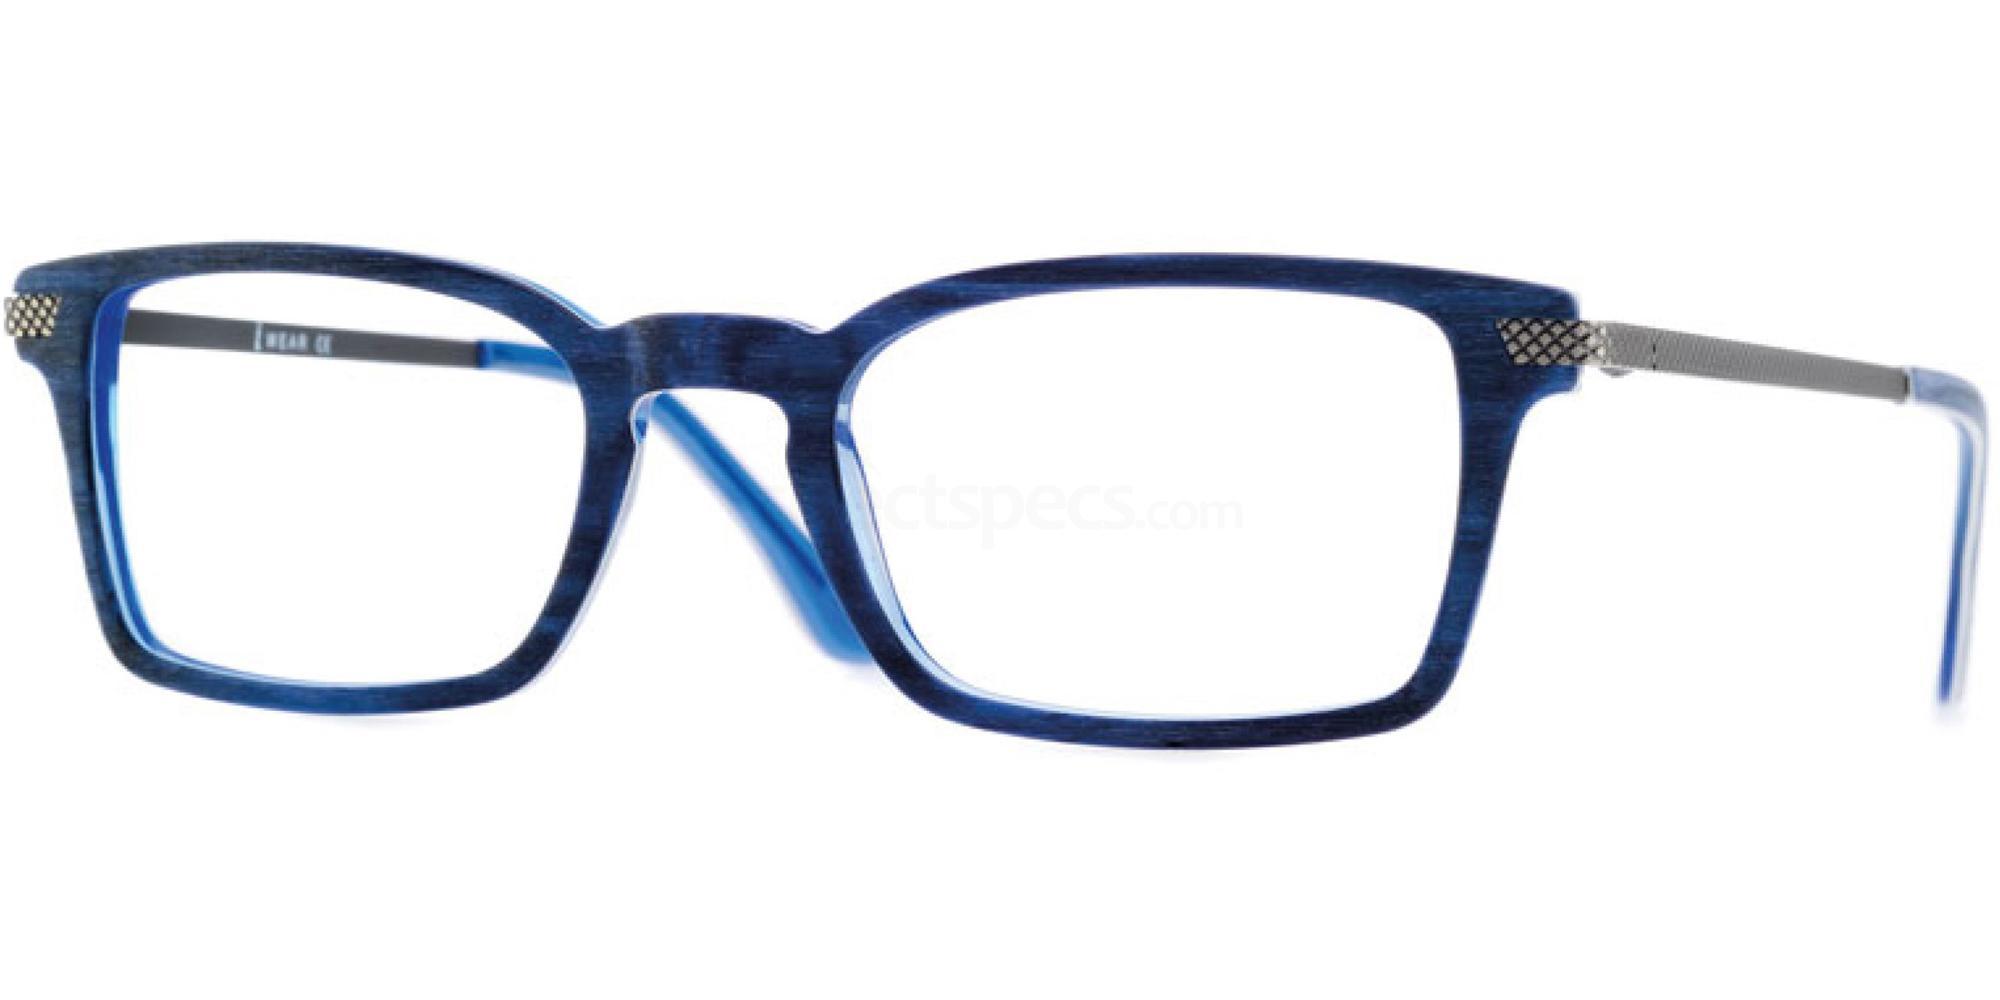 C1 i Wear 5082 Glasses, i Wear